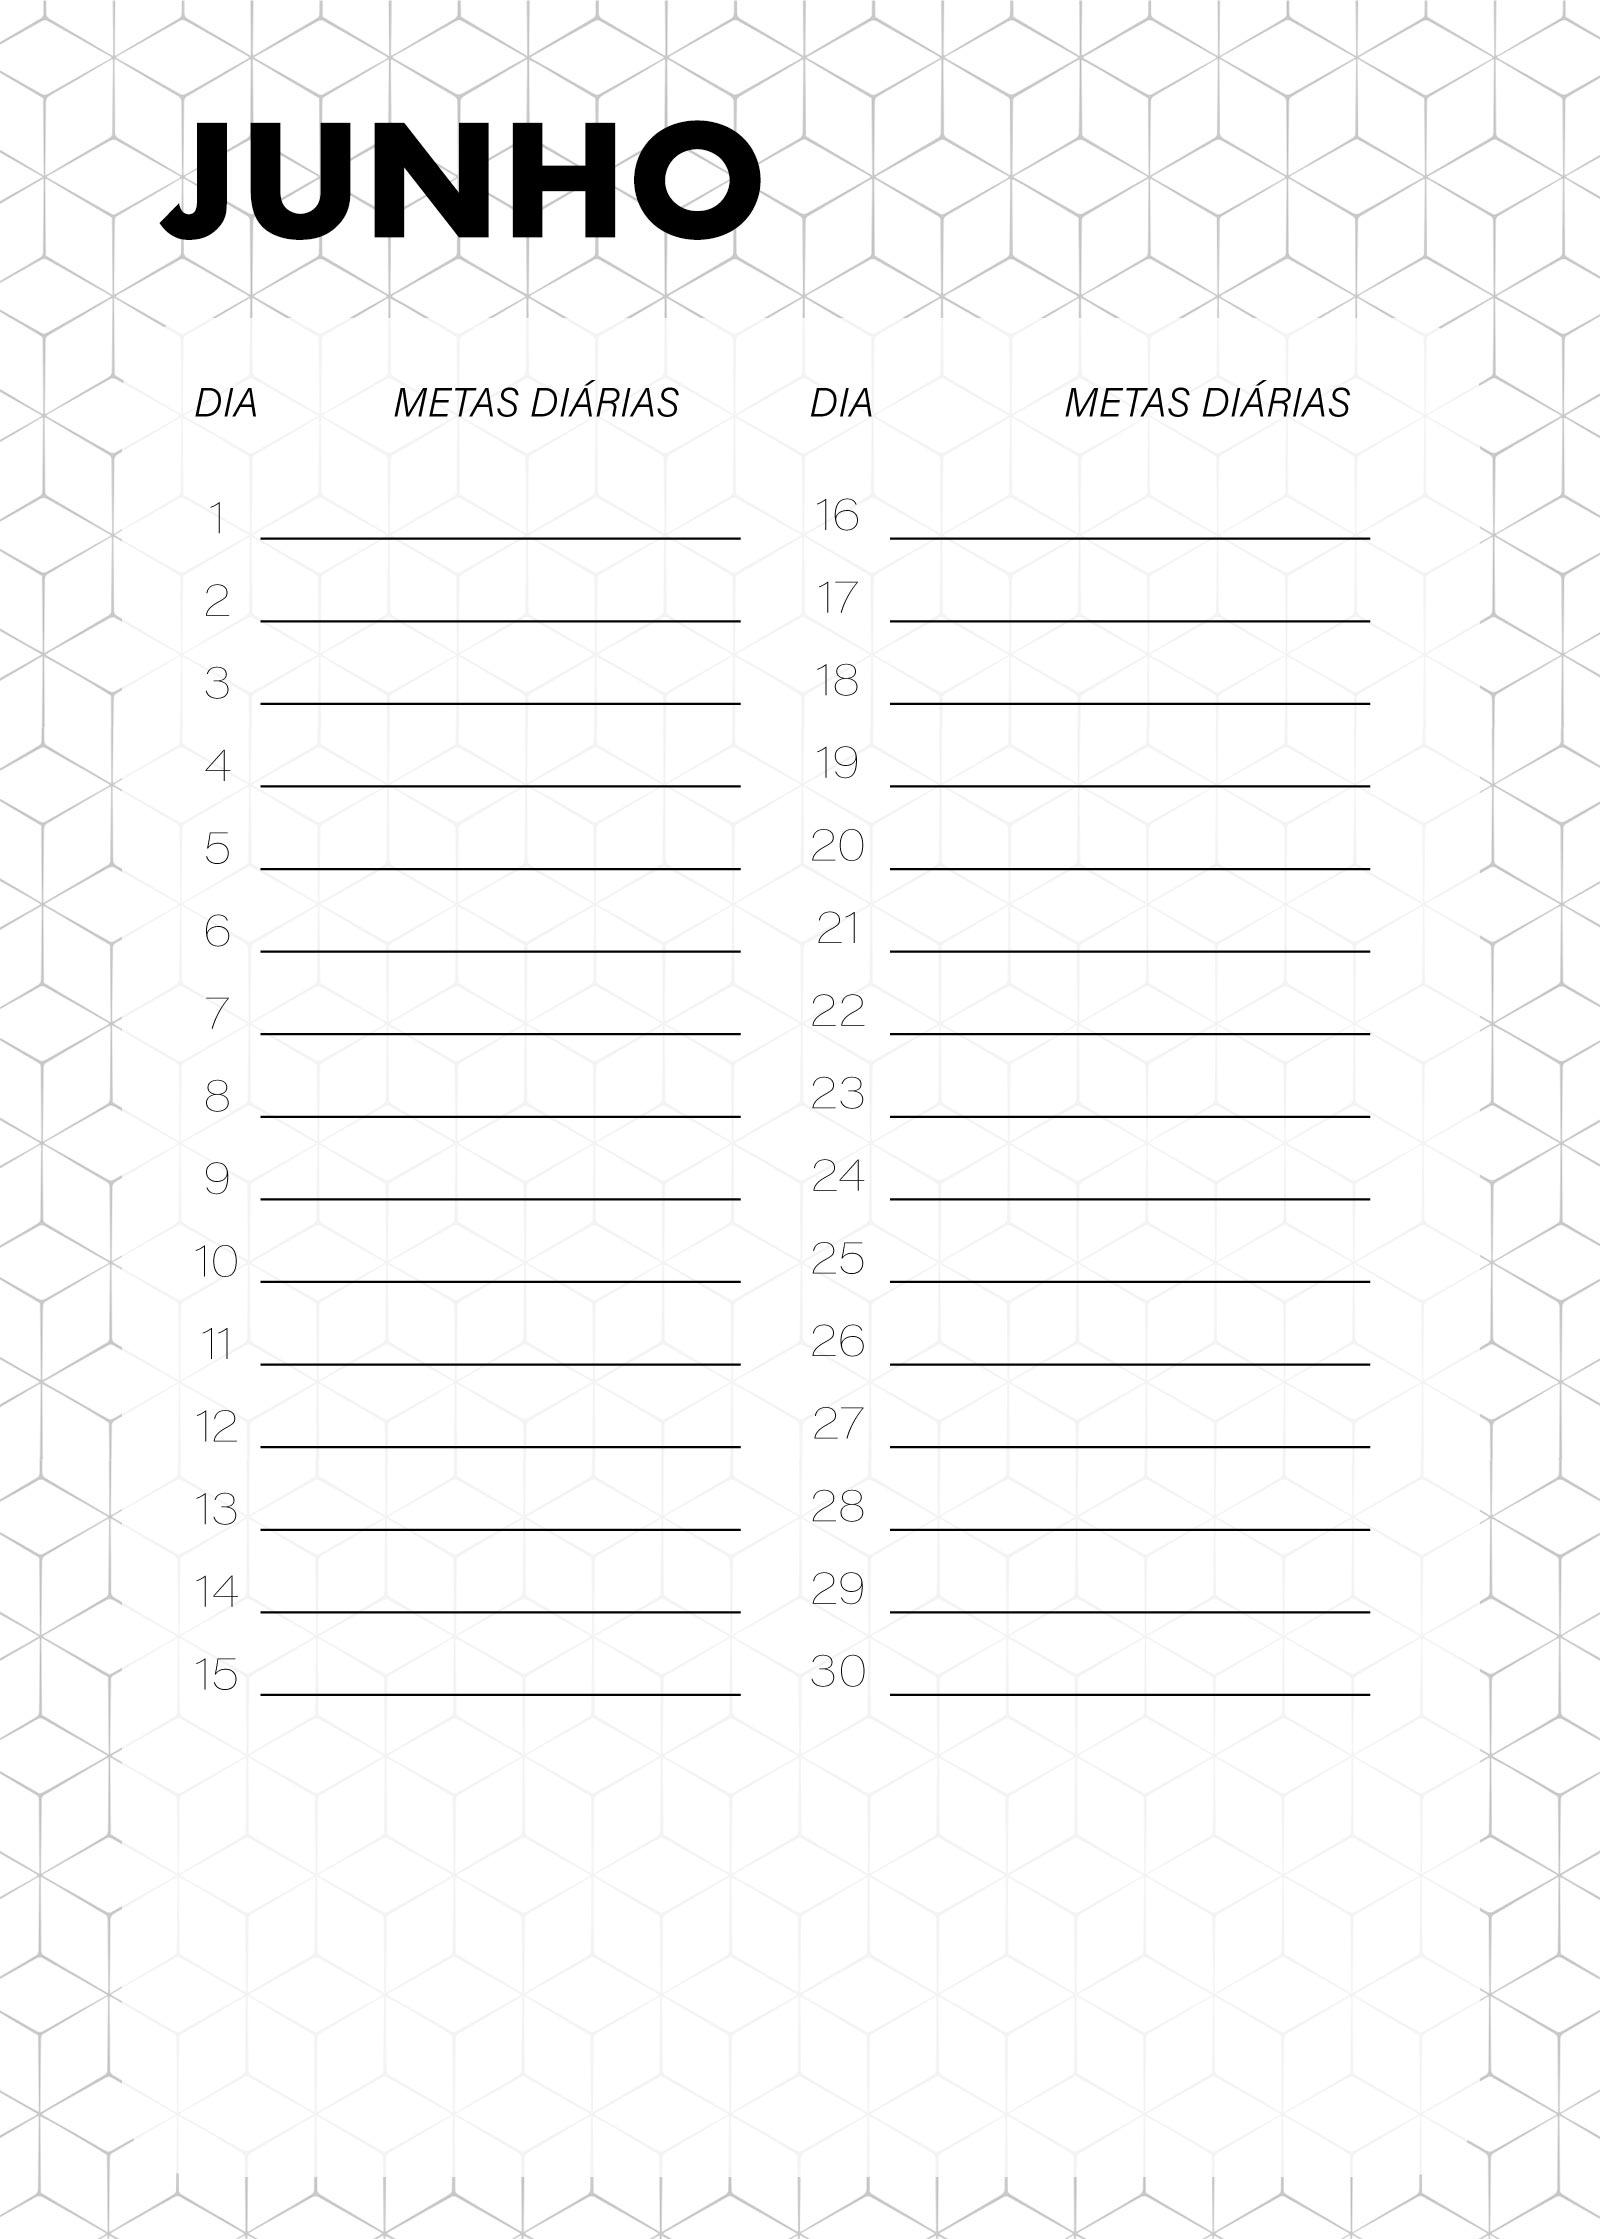 Planner Preto e Branco Metas Diarias Junho